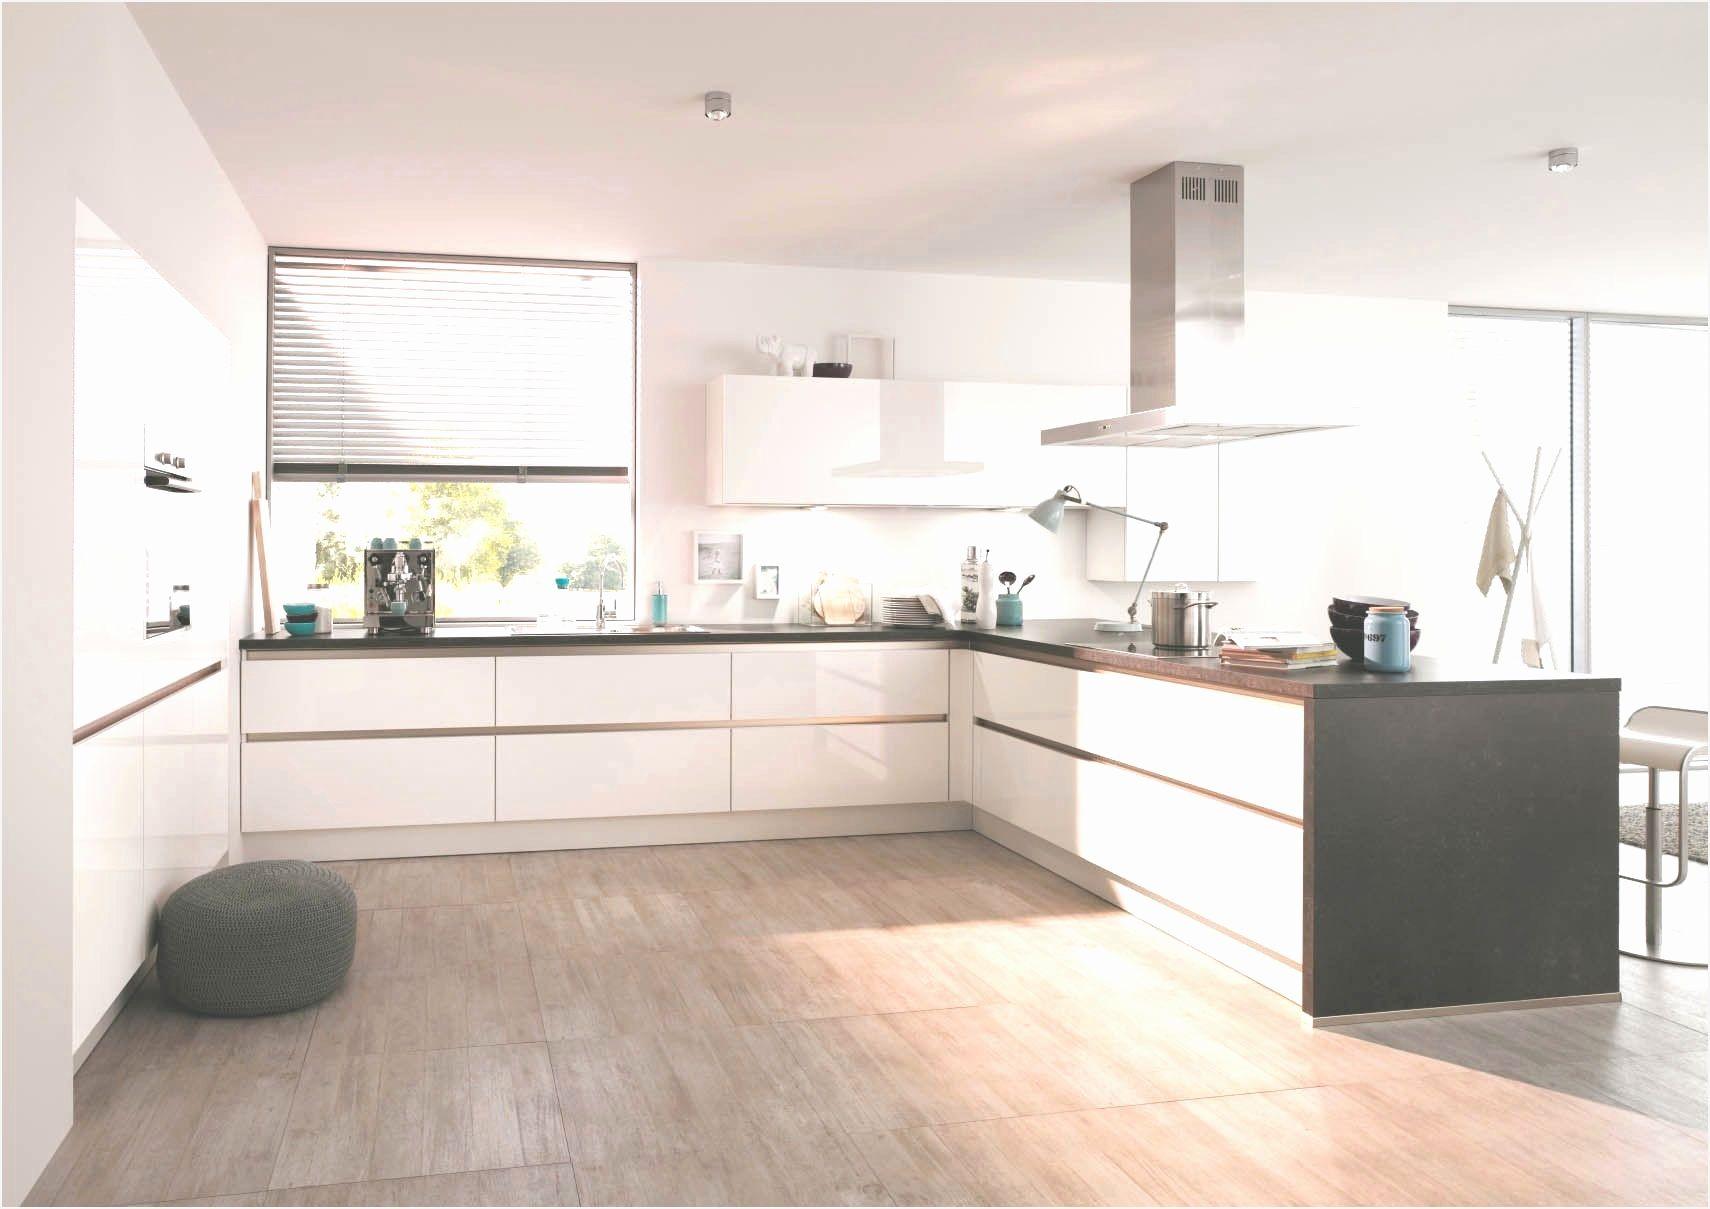 30 Schon Einbaukuche Angebot Kitchen Pinterest House Design